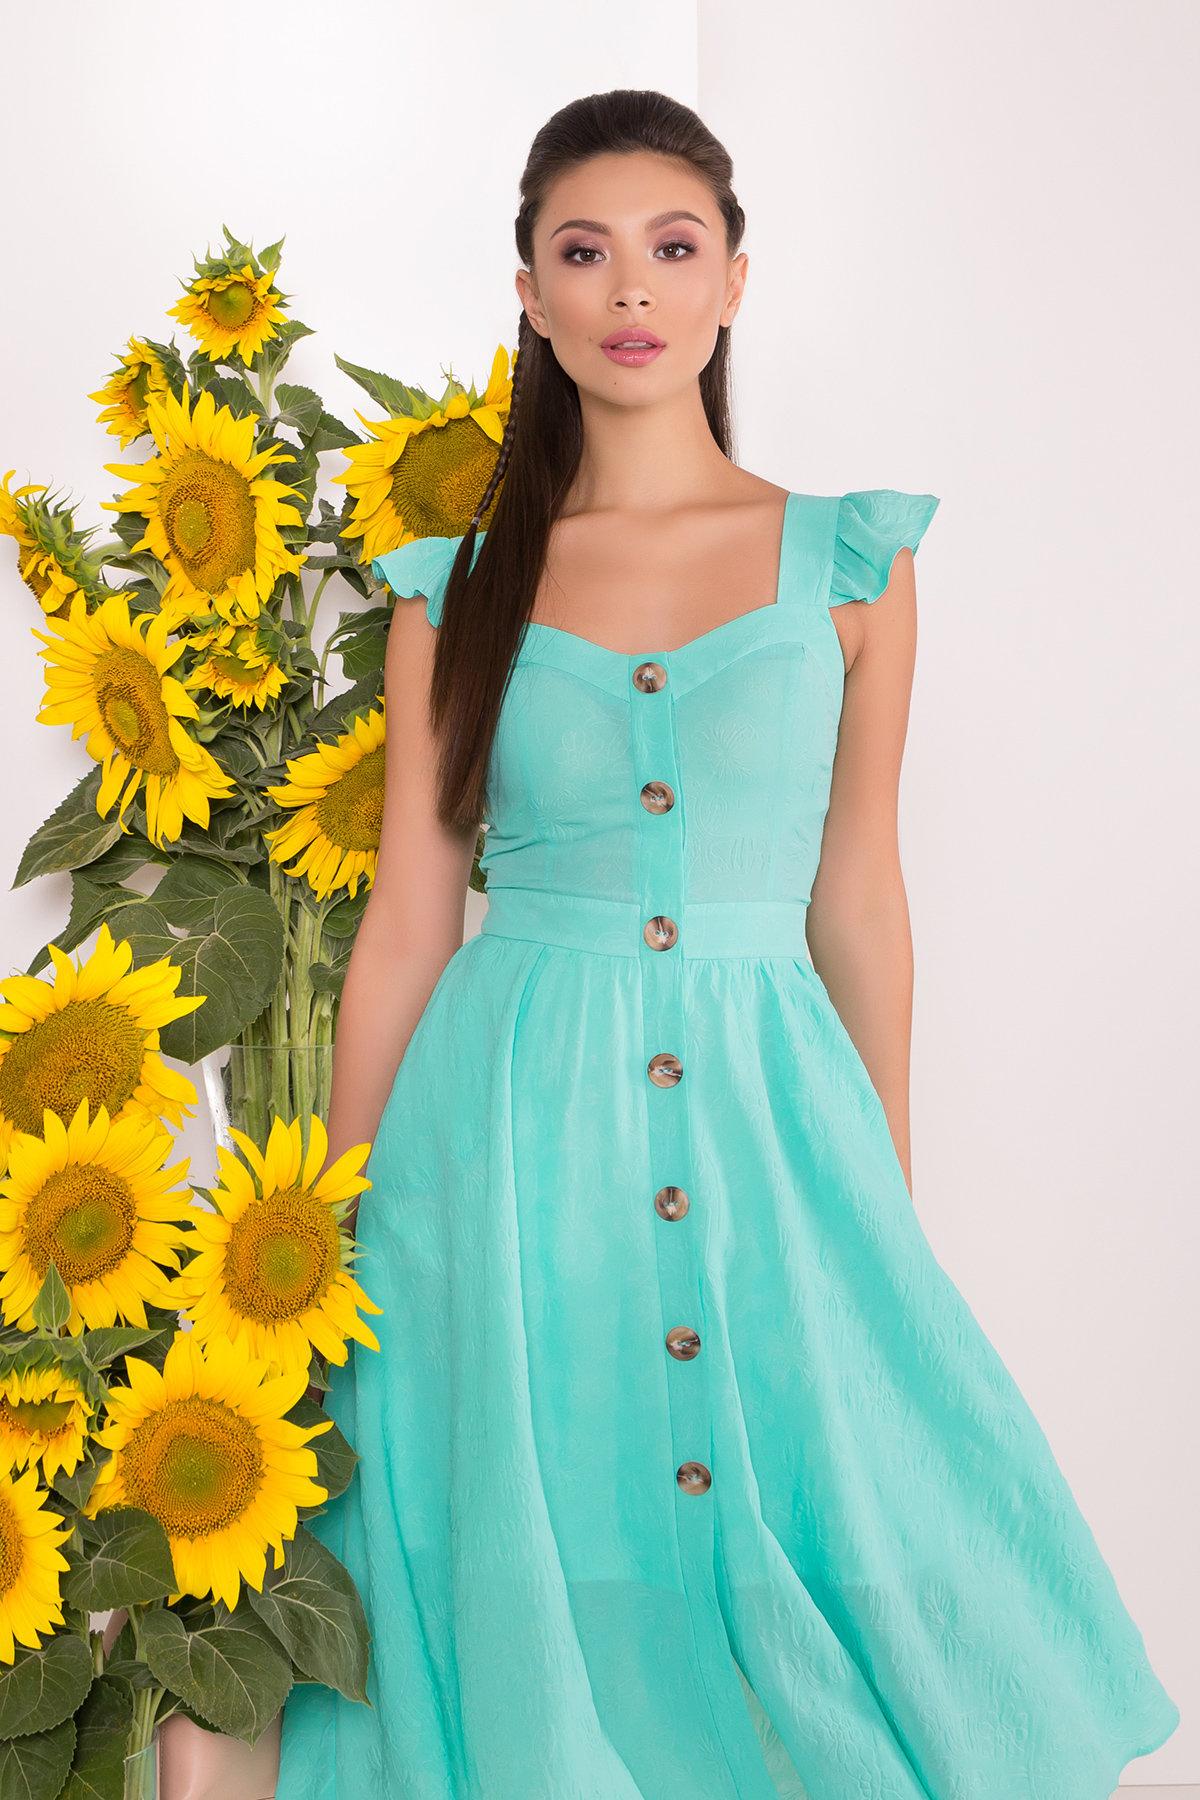 Однотонное Платье Ундина 7587 АРТ. 43531 Цвет: Мята - фото 3, интернет магазин tm-modus.ru